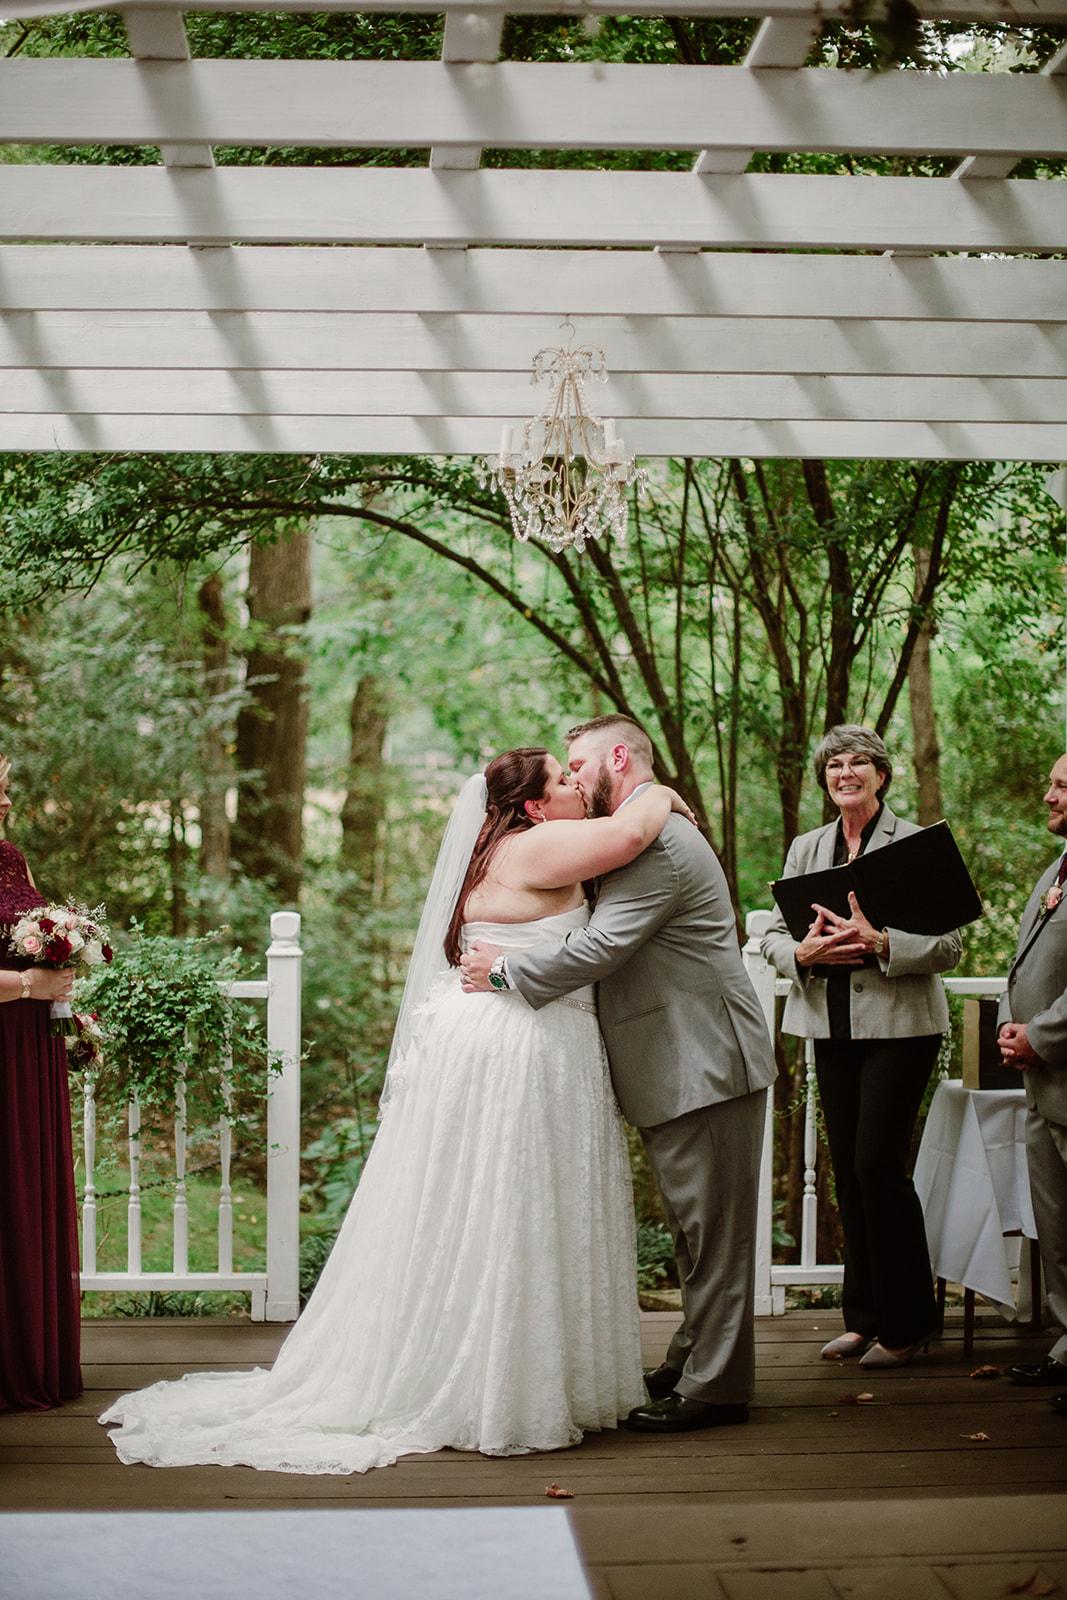 SarahMattozziPhotography-NicoleChris-GlenGardens-Ceremony-15.jpg